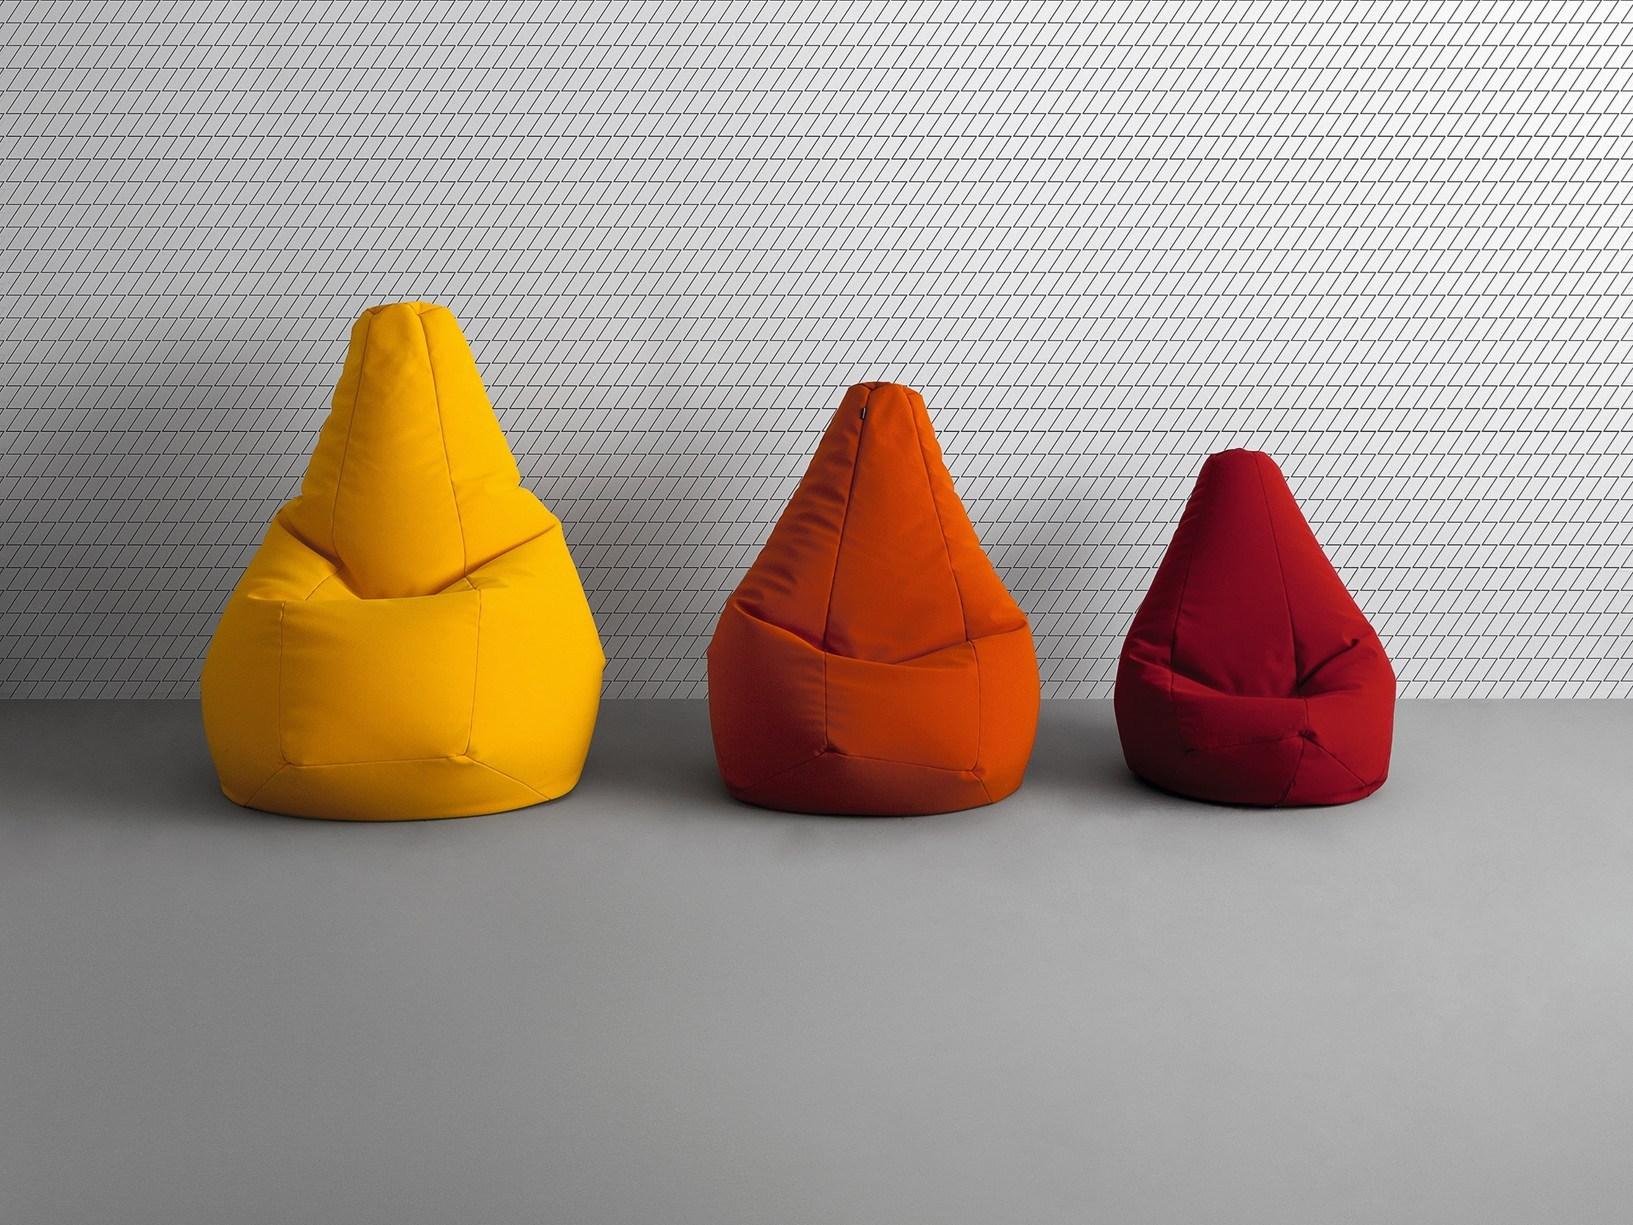 Sacco Armchairs by Gatti-Paolini-Teodoro for Zanotta